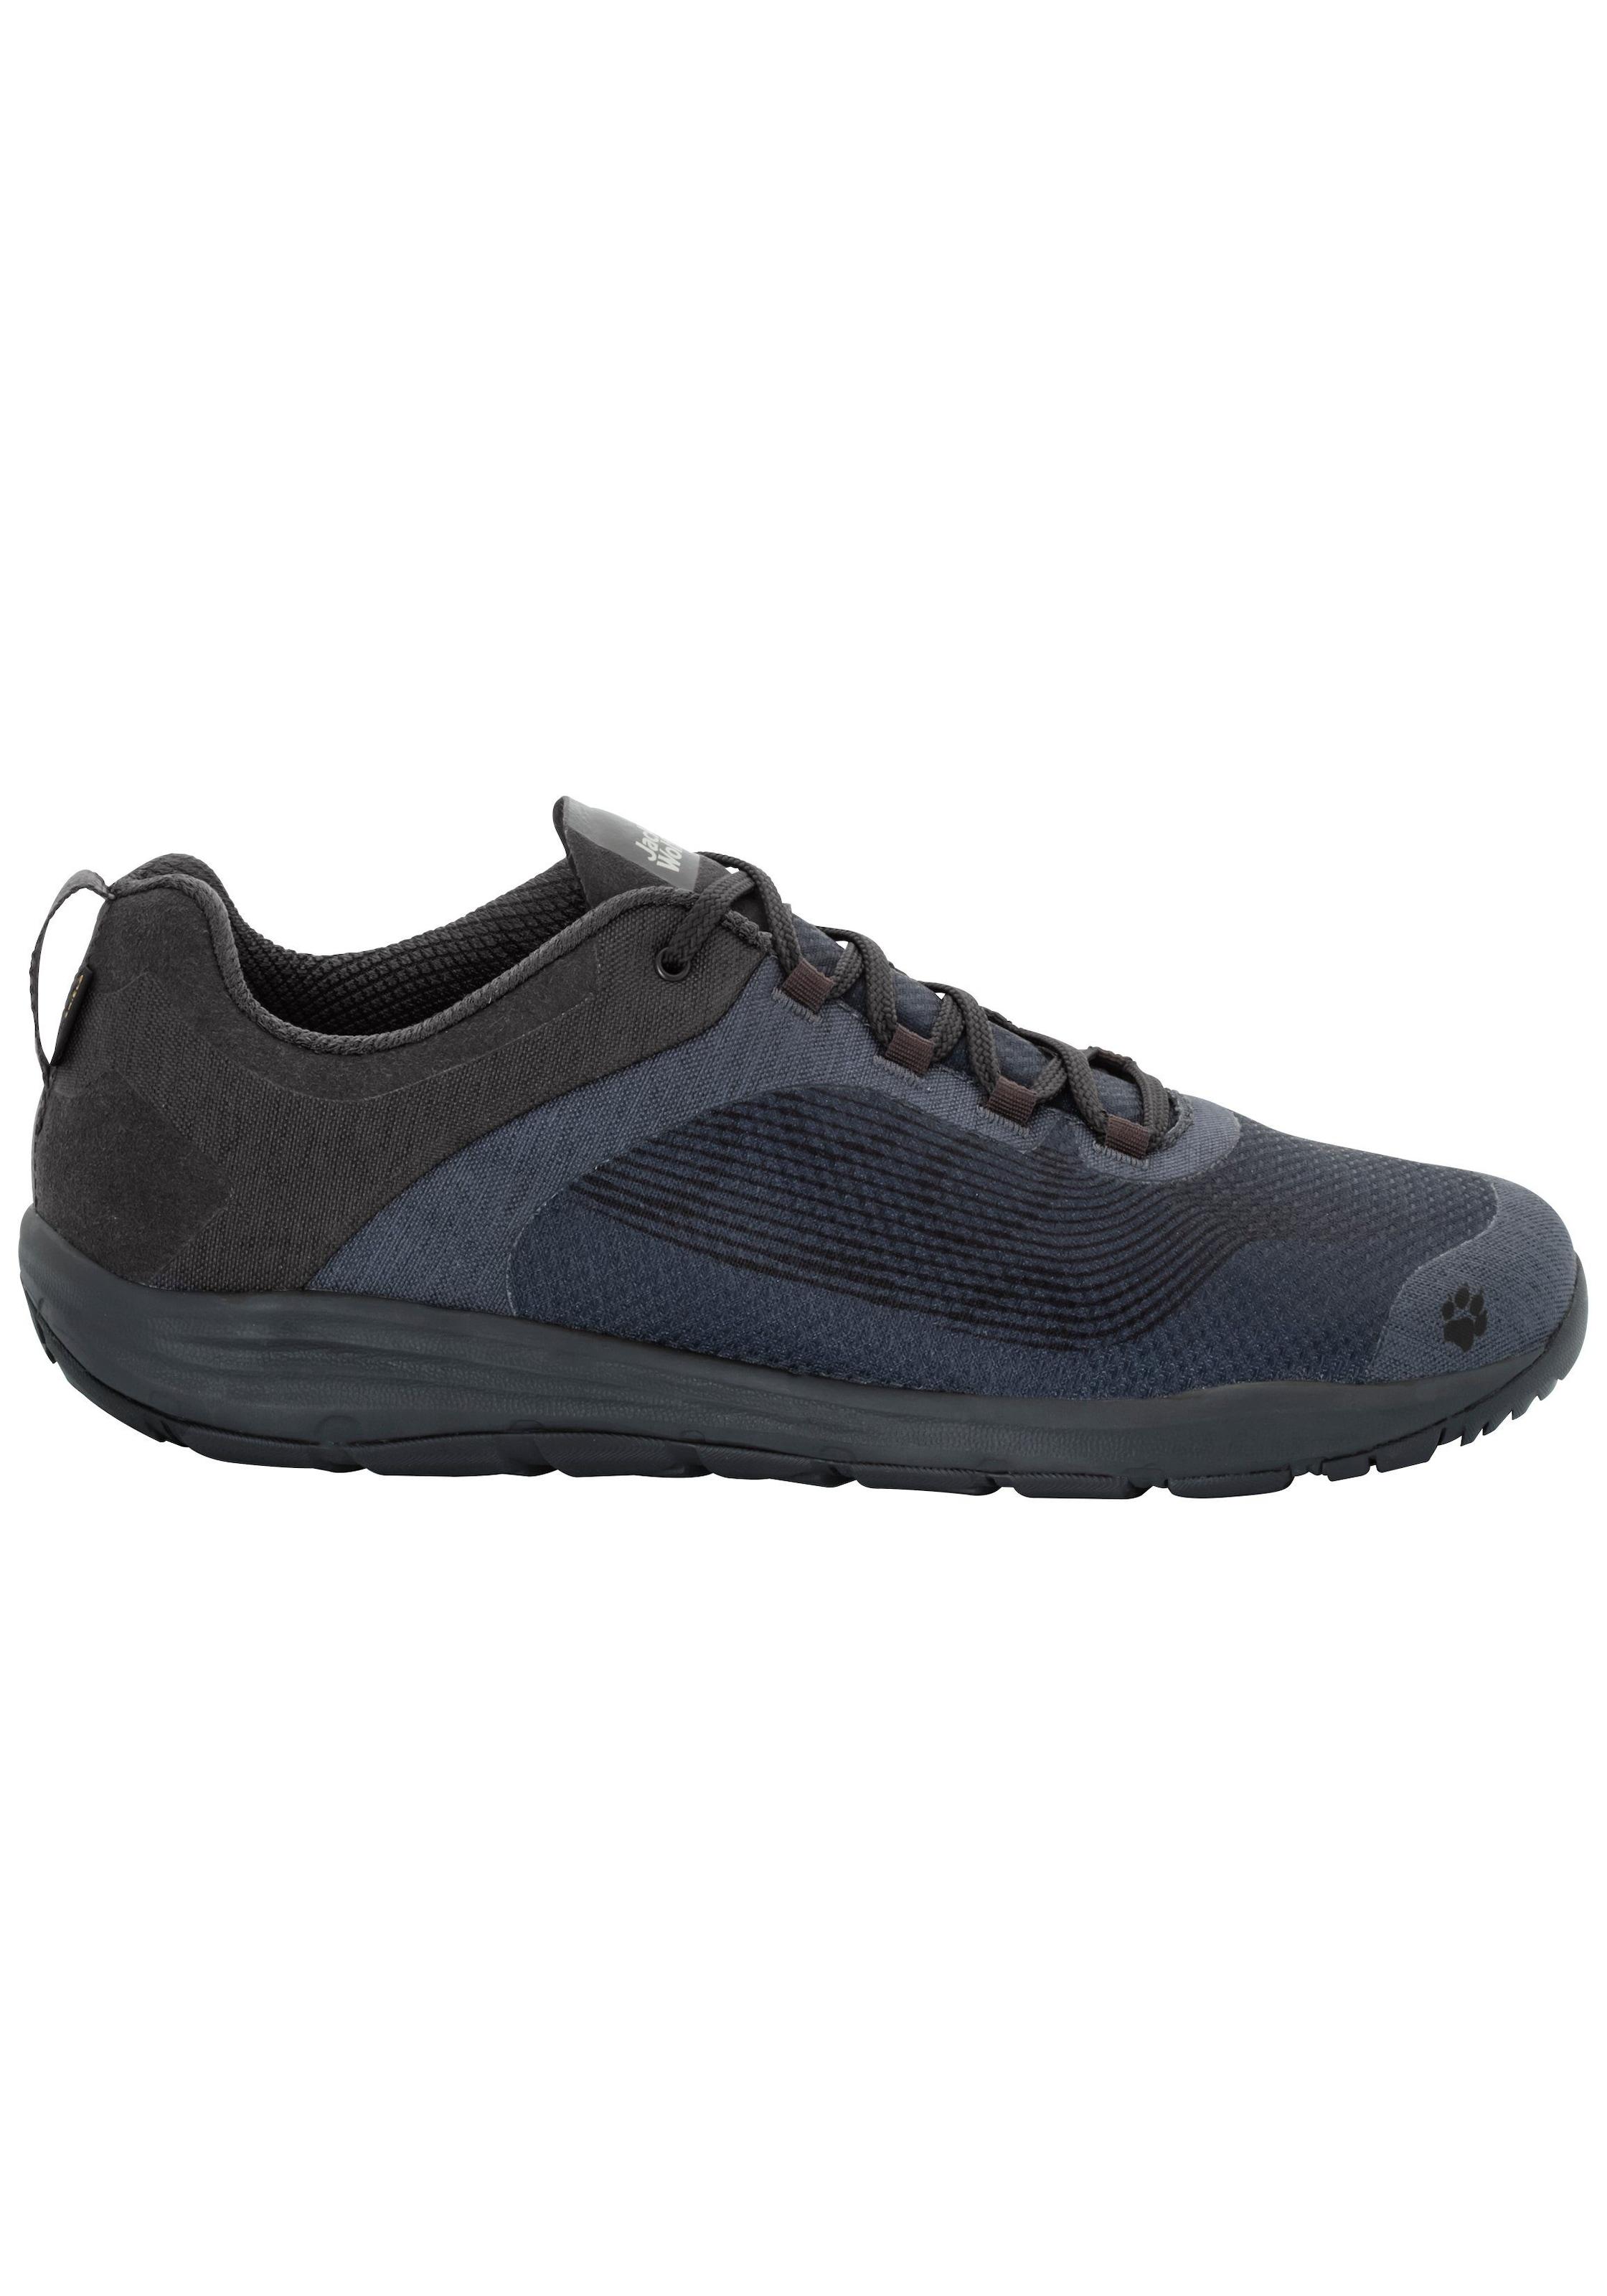 Jack Wolfskin Sneaker PORTLAND SHIELD LOW M kaufen | Gutes Preis Leistungs Verhältnis,